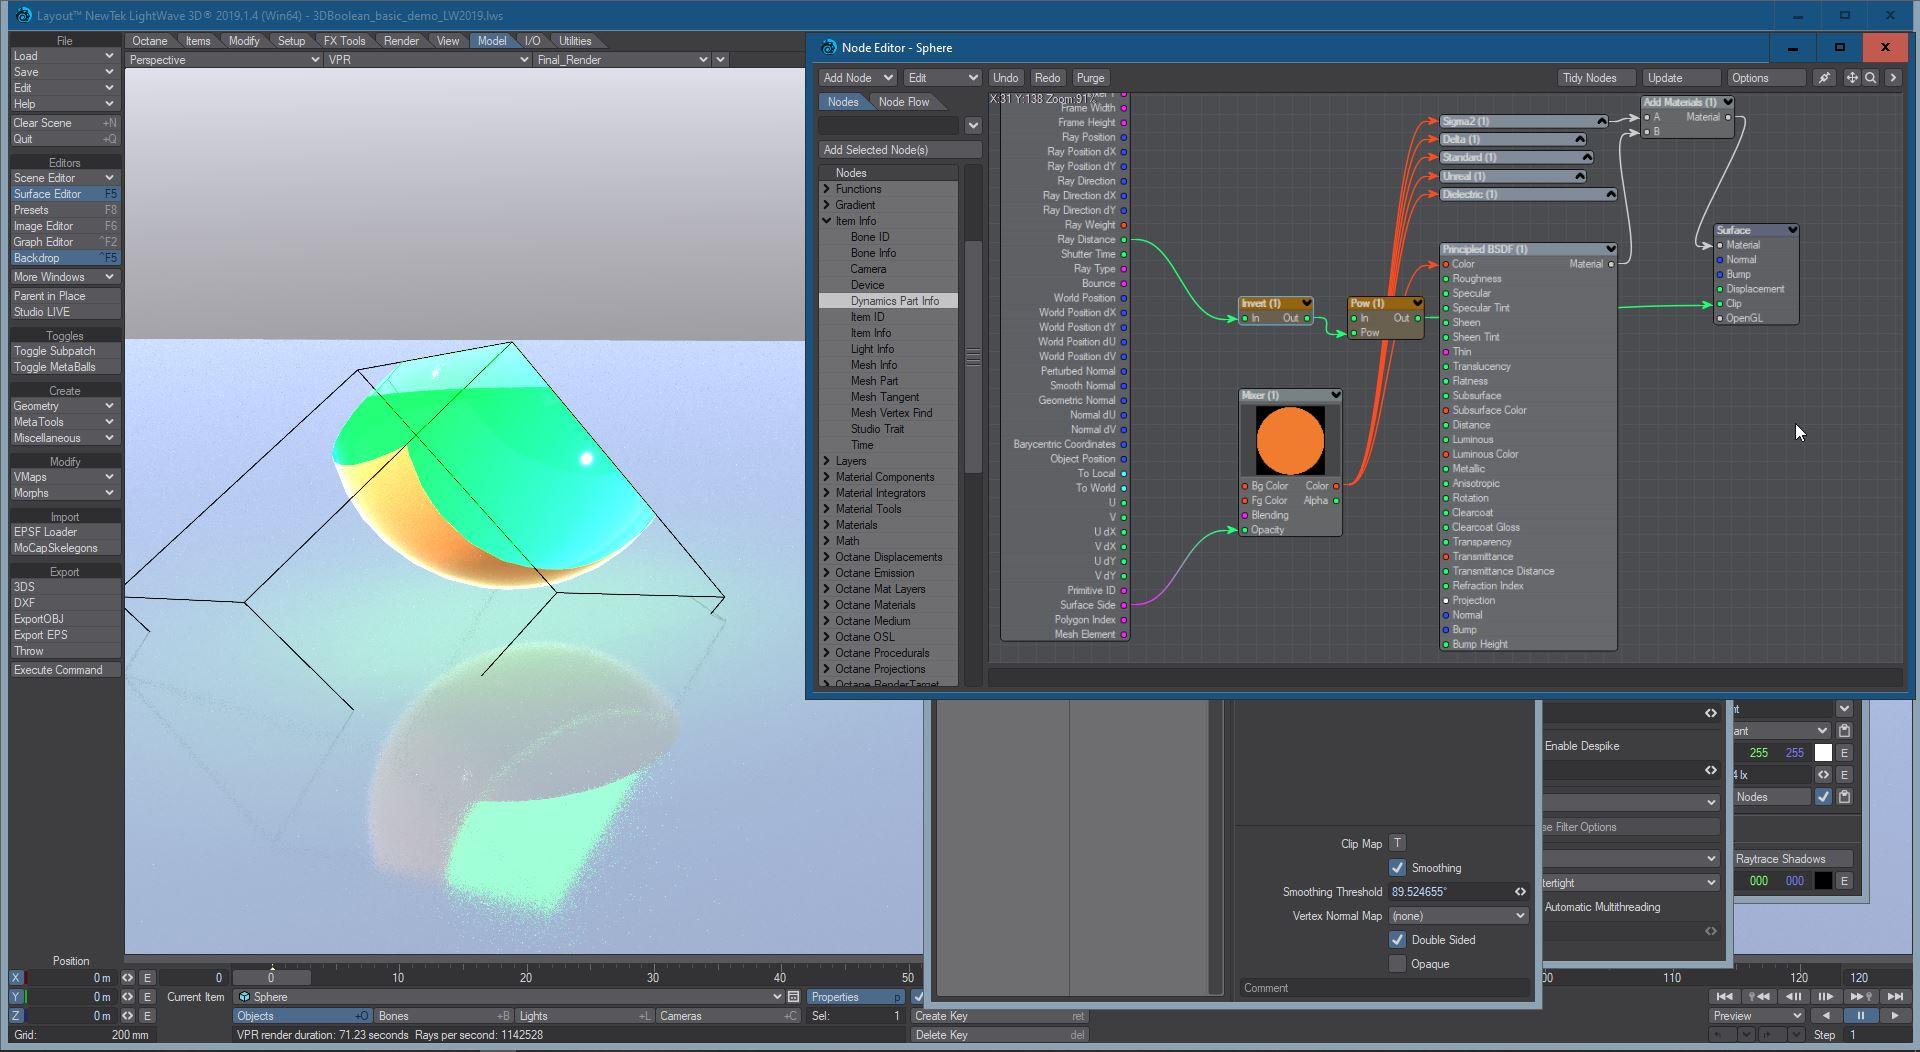 Nome: 2020-02-14 14_24_00-Layout™ NewTek LightWave 3D® 2019.1.4 (Win64) - 3DBoolean_basic_demo_LW2019..jpg Visite: 167 Dimensione: 240.9 KB